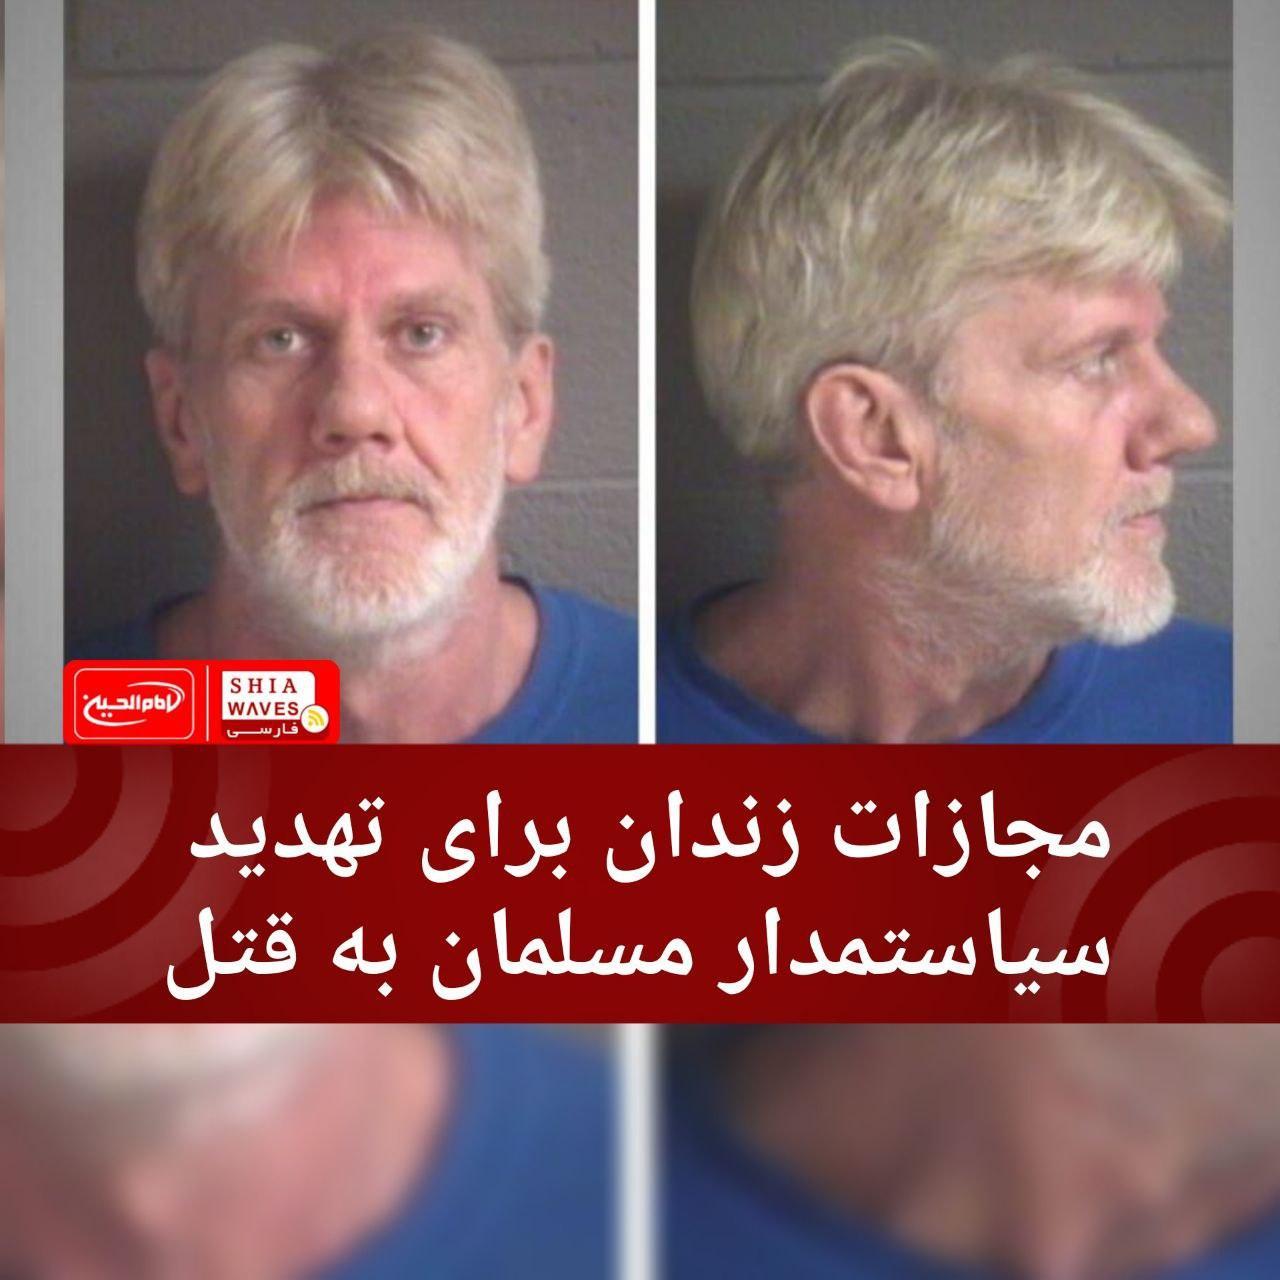 تصویر مجازات زندان برای تهدید سیاستمدار مسلمان به قتل